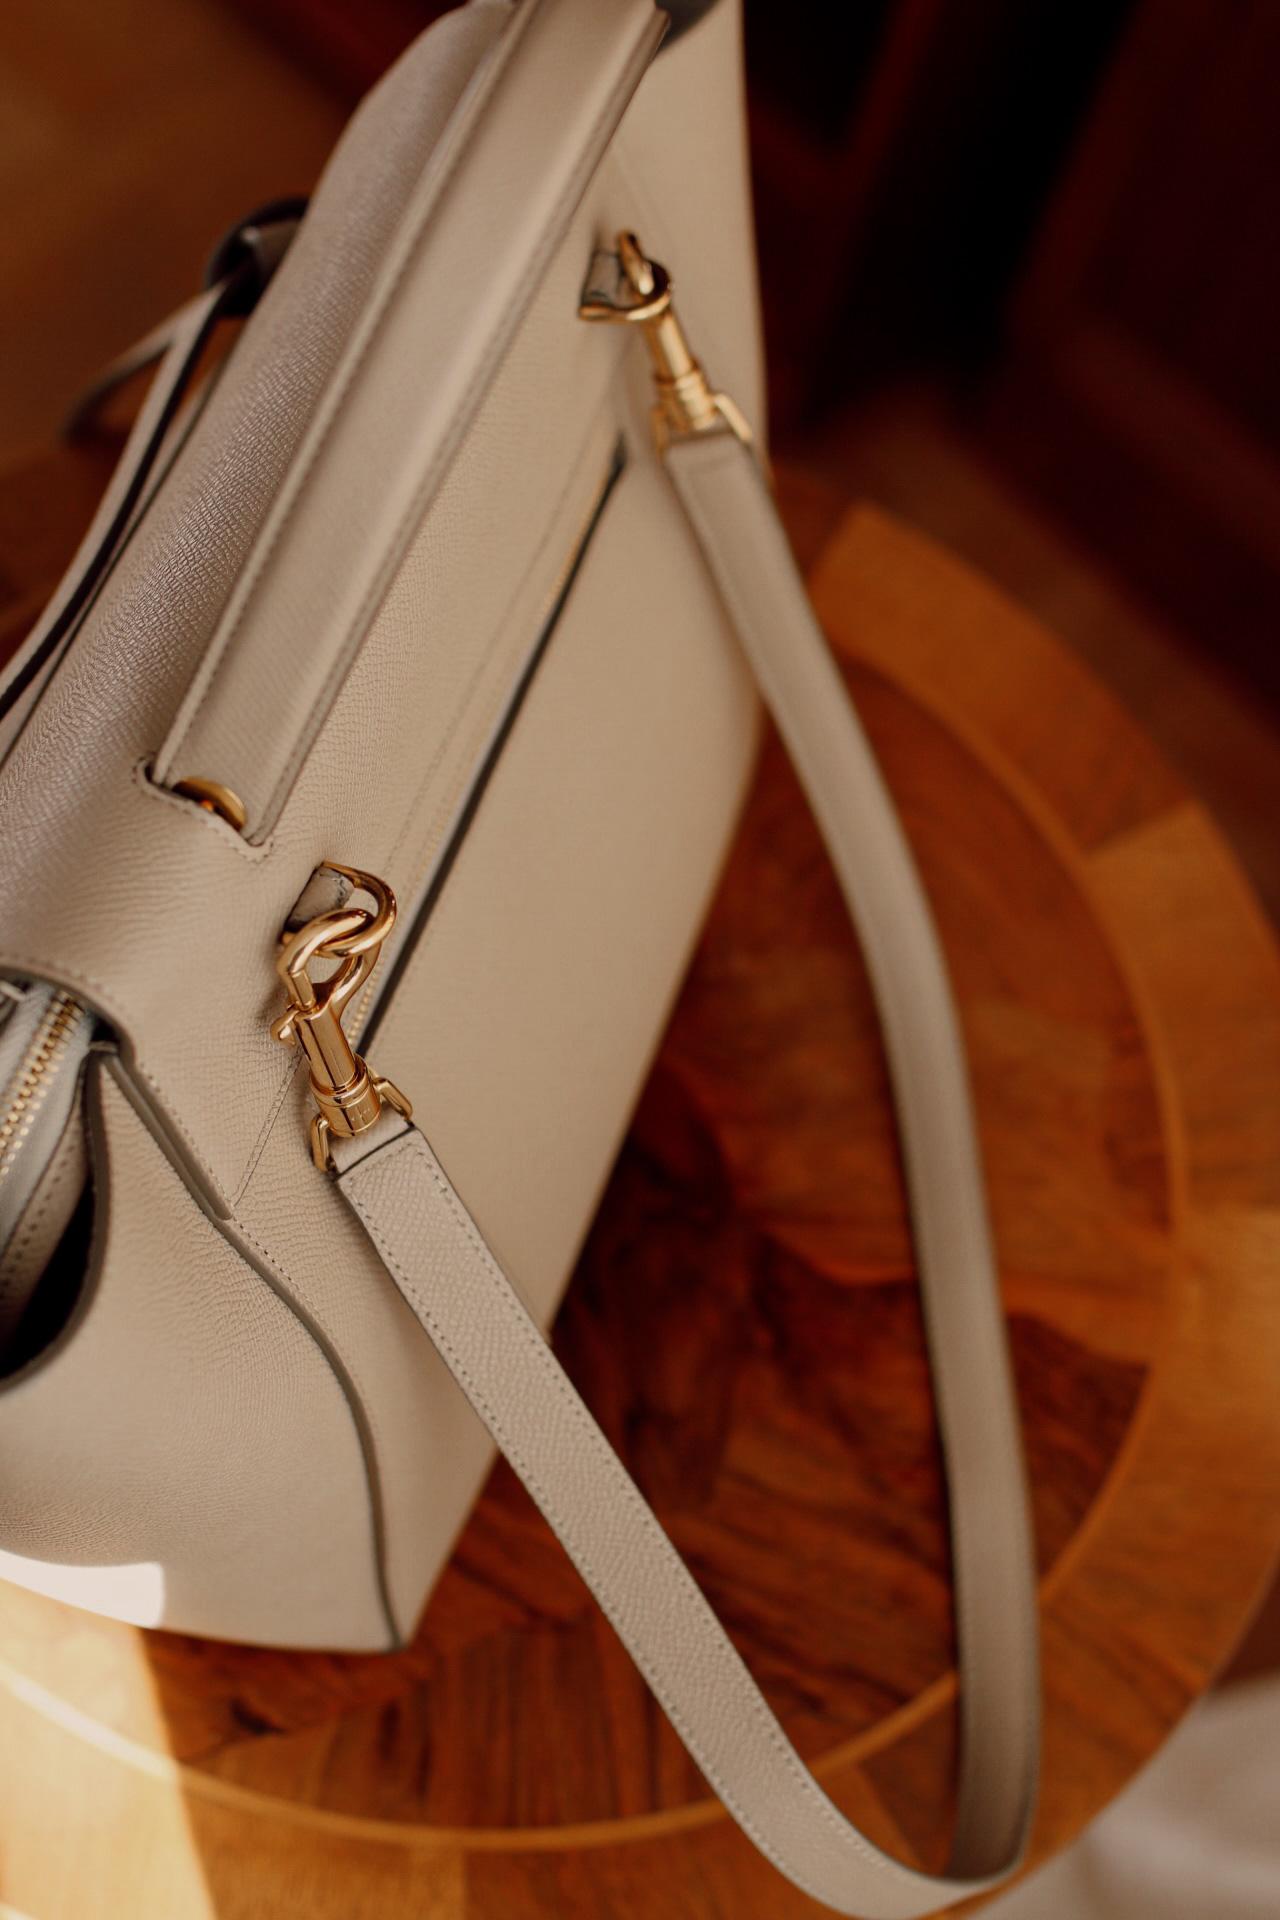 Celine Mini Belt Bag Review En Fashionnes Mode Und Lifestyle Blog